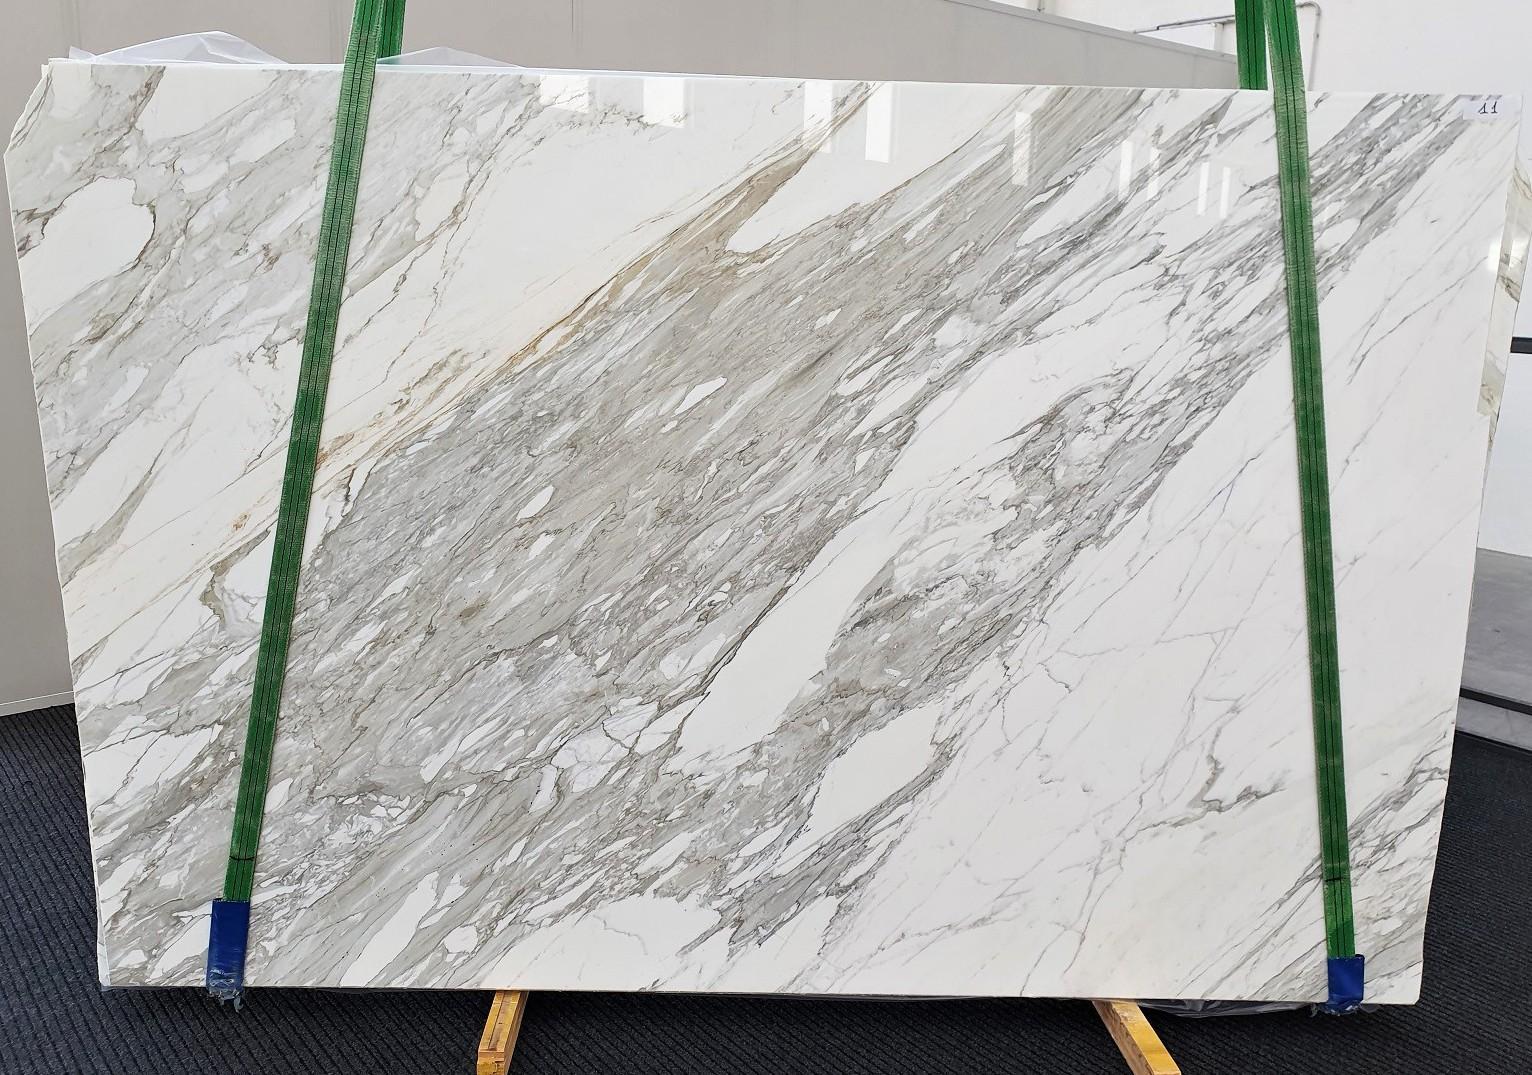 CALACATTA Suministro Veneto (Italia) de planchas pulidas en mármol natural 1344 , B - slab #11